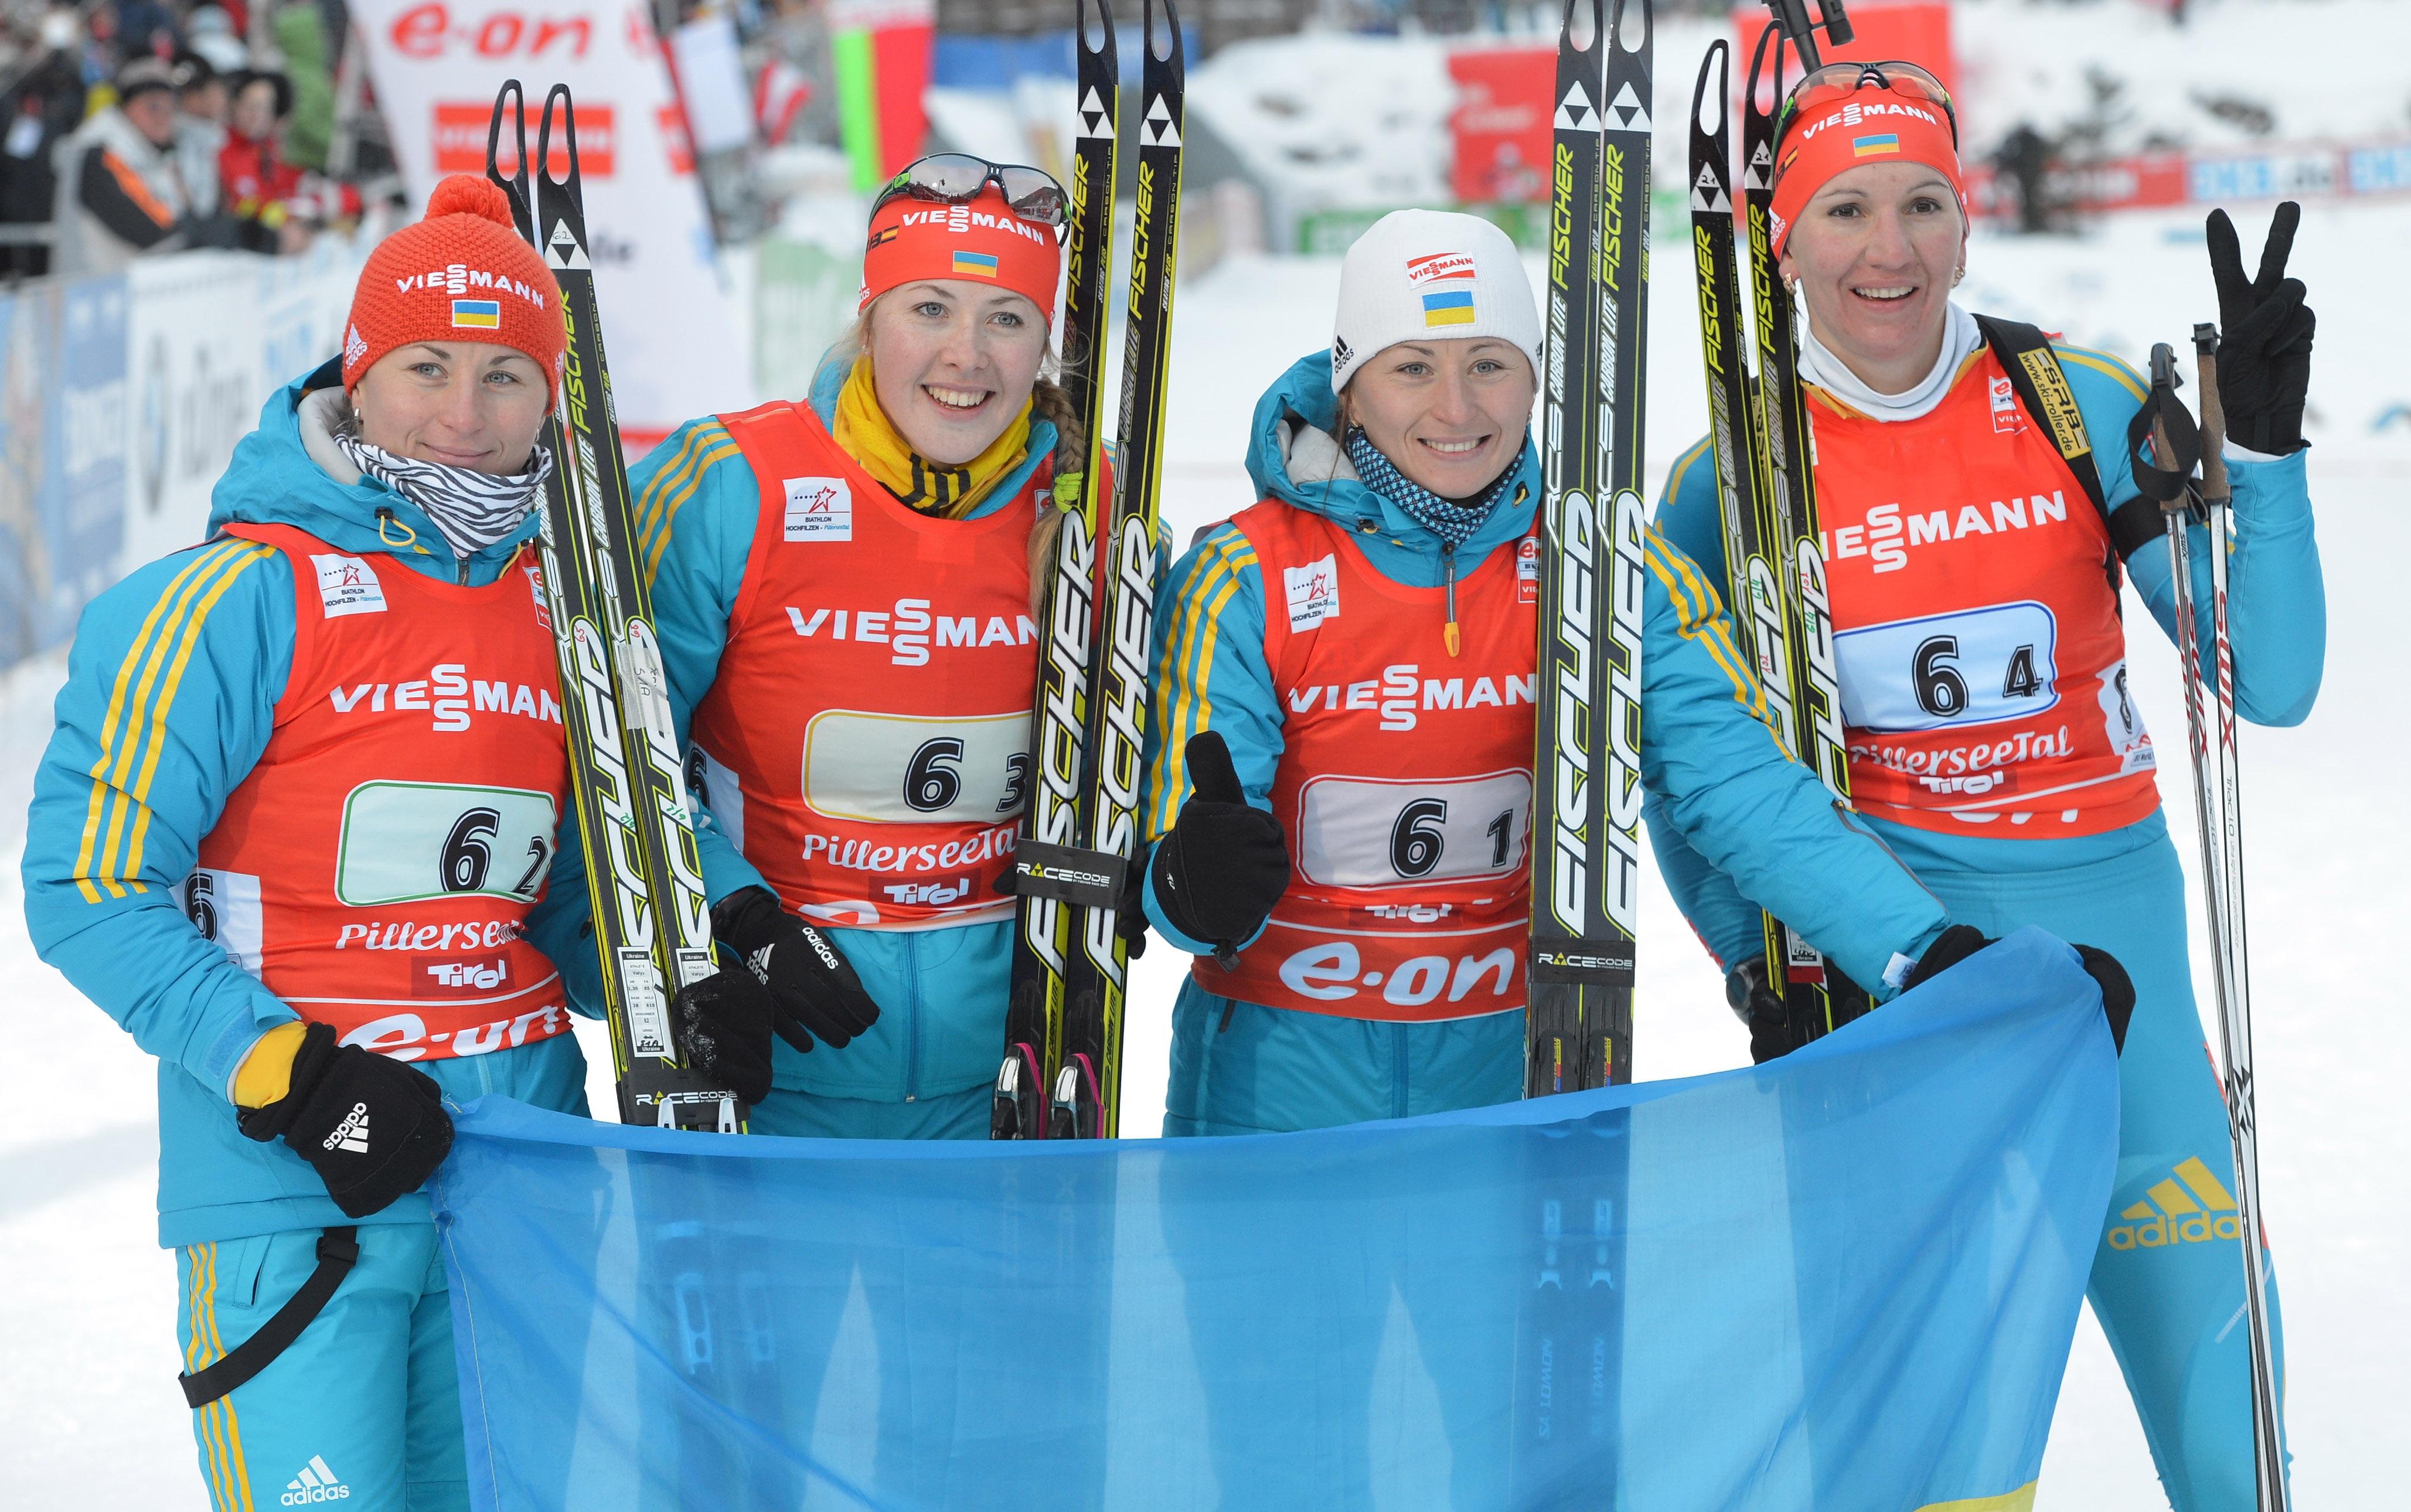 Женская сборная Украины по биатлону  выиграла серебро на чемпионате мира